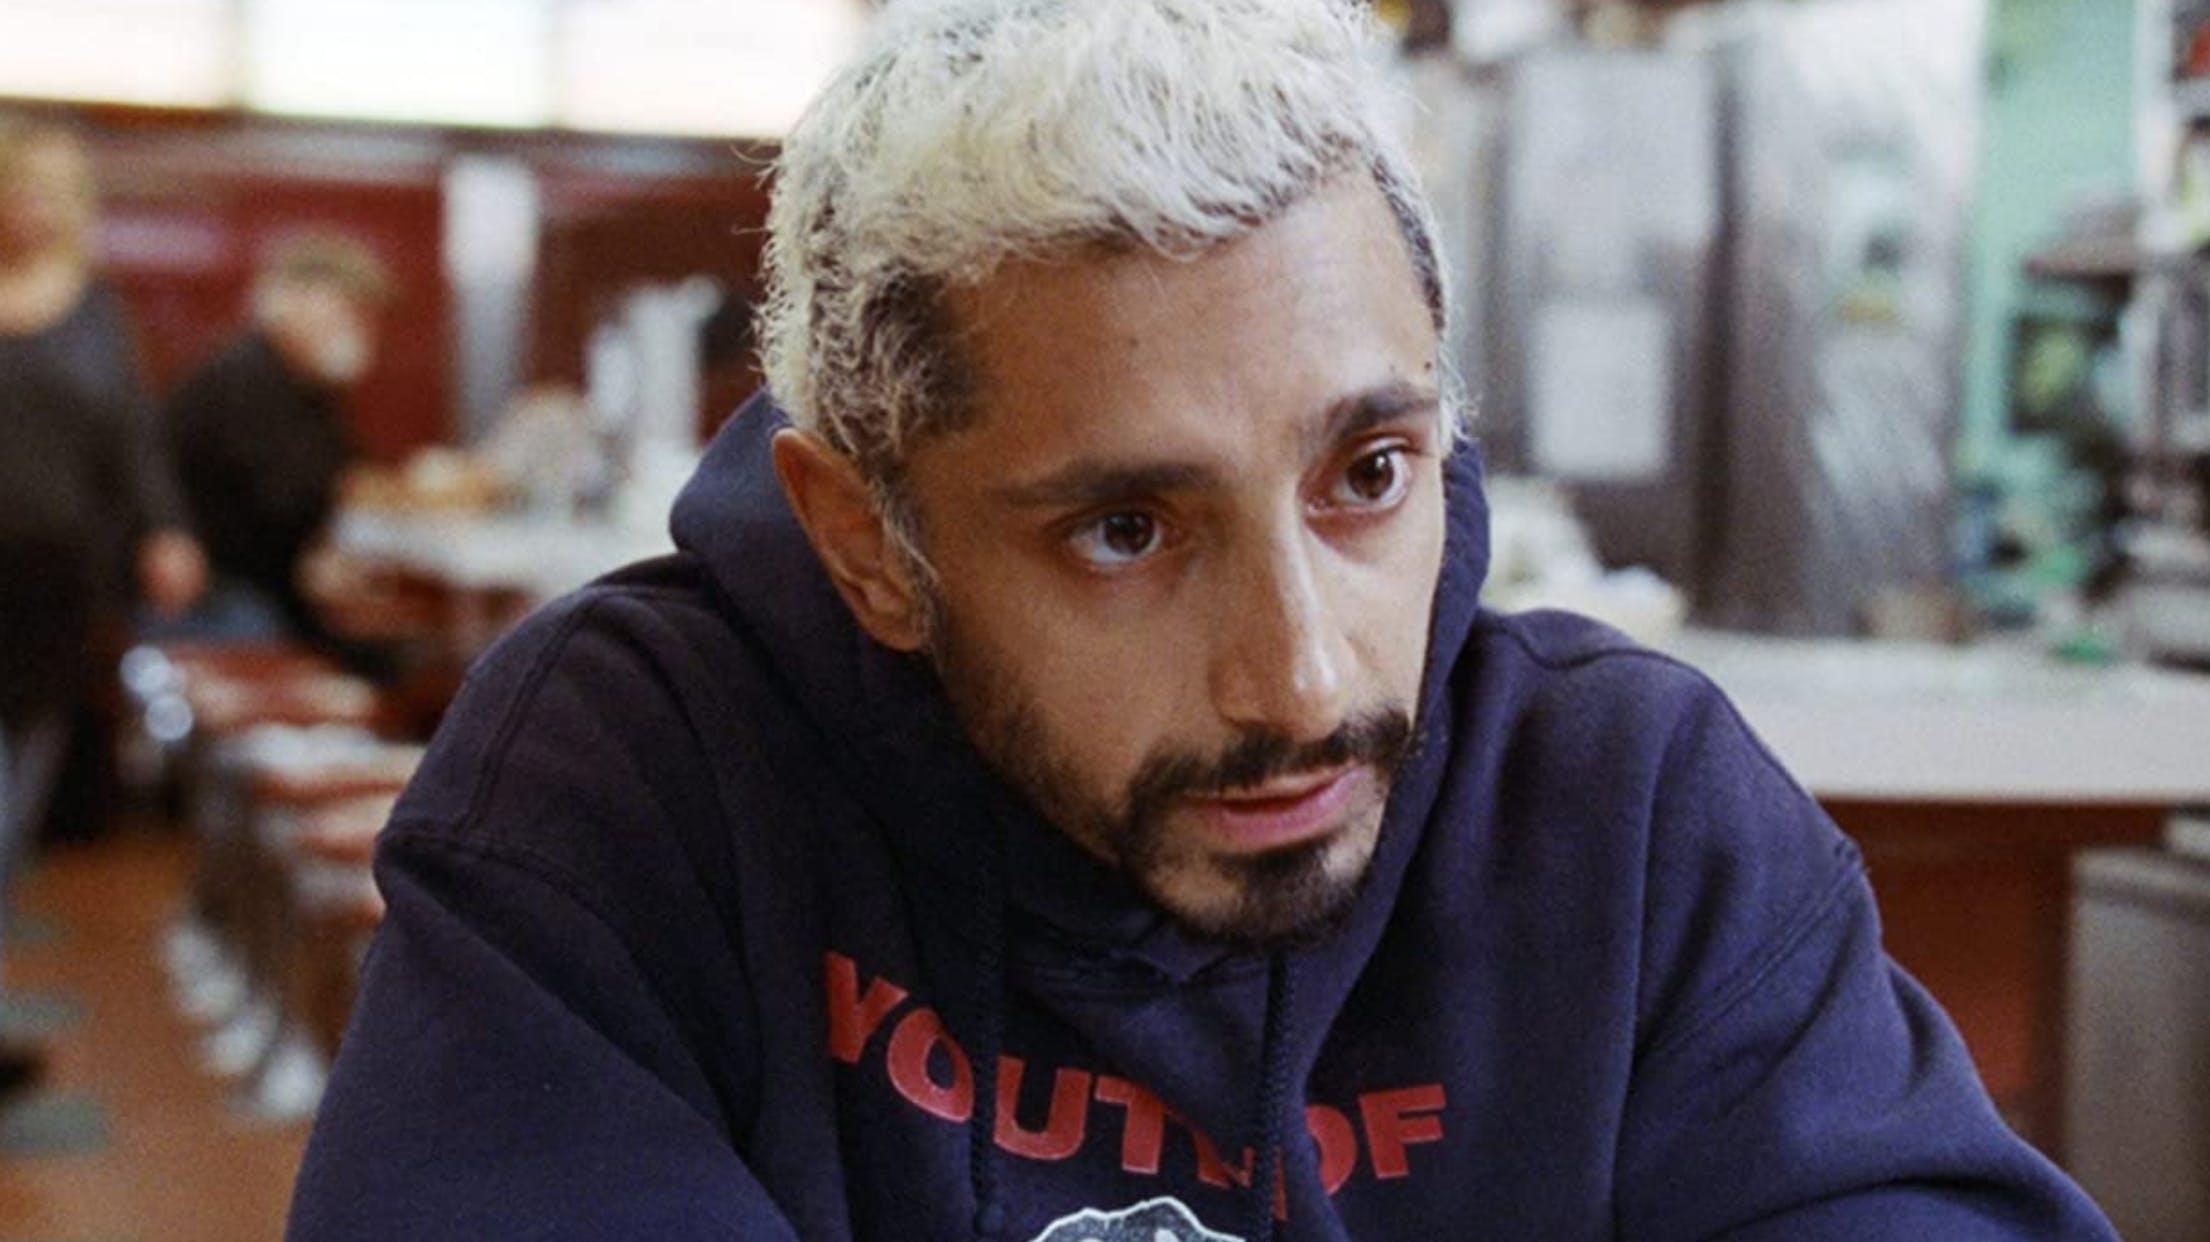 Für «Sound of Metal» darf sich Riz Ahmed über eine Nomination freuen: Er ist der erste muslimische Schauspieler, dem diese Ehre zuteil wird.